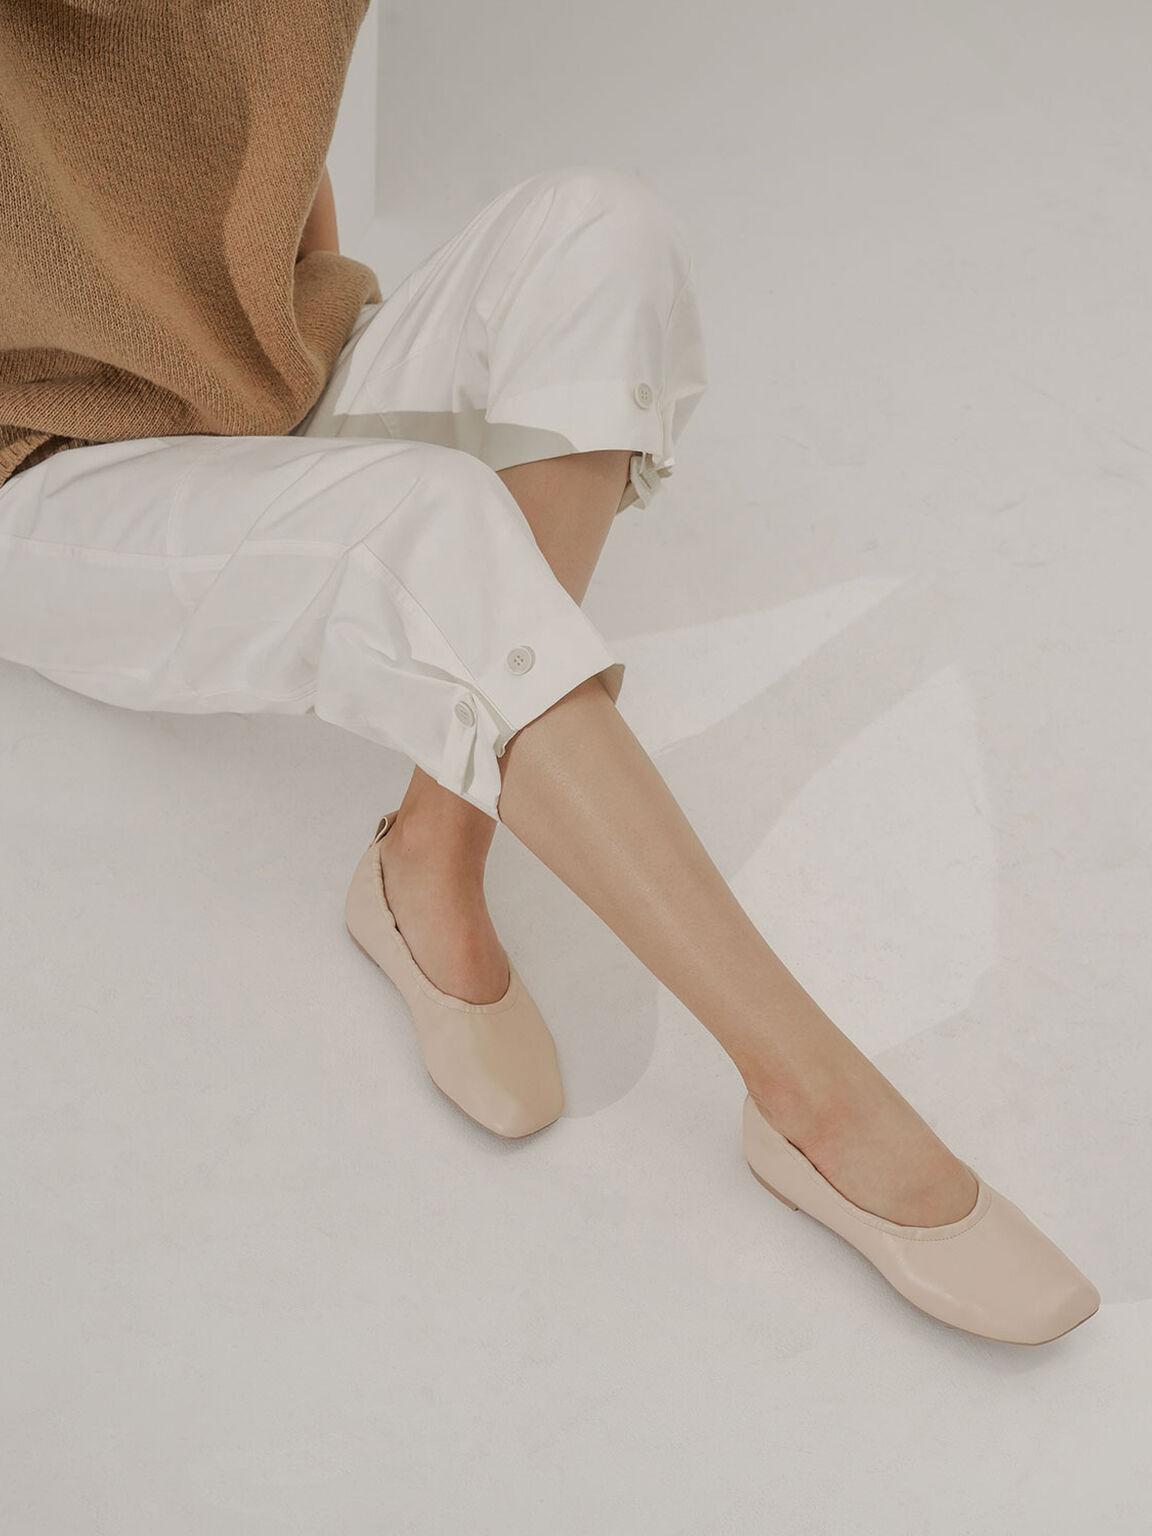 Ruched Ballerina Flats, Beige, hi-res